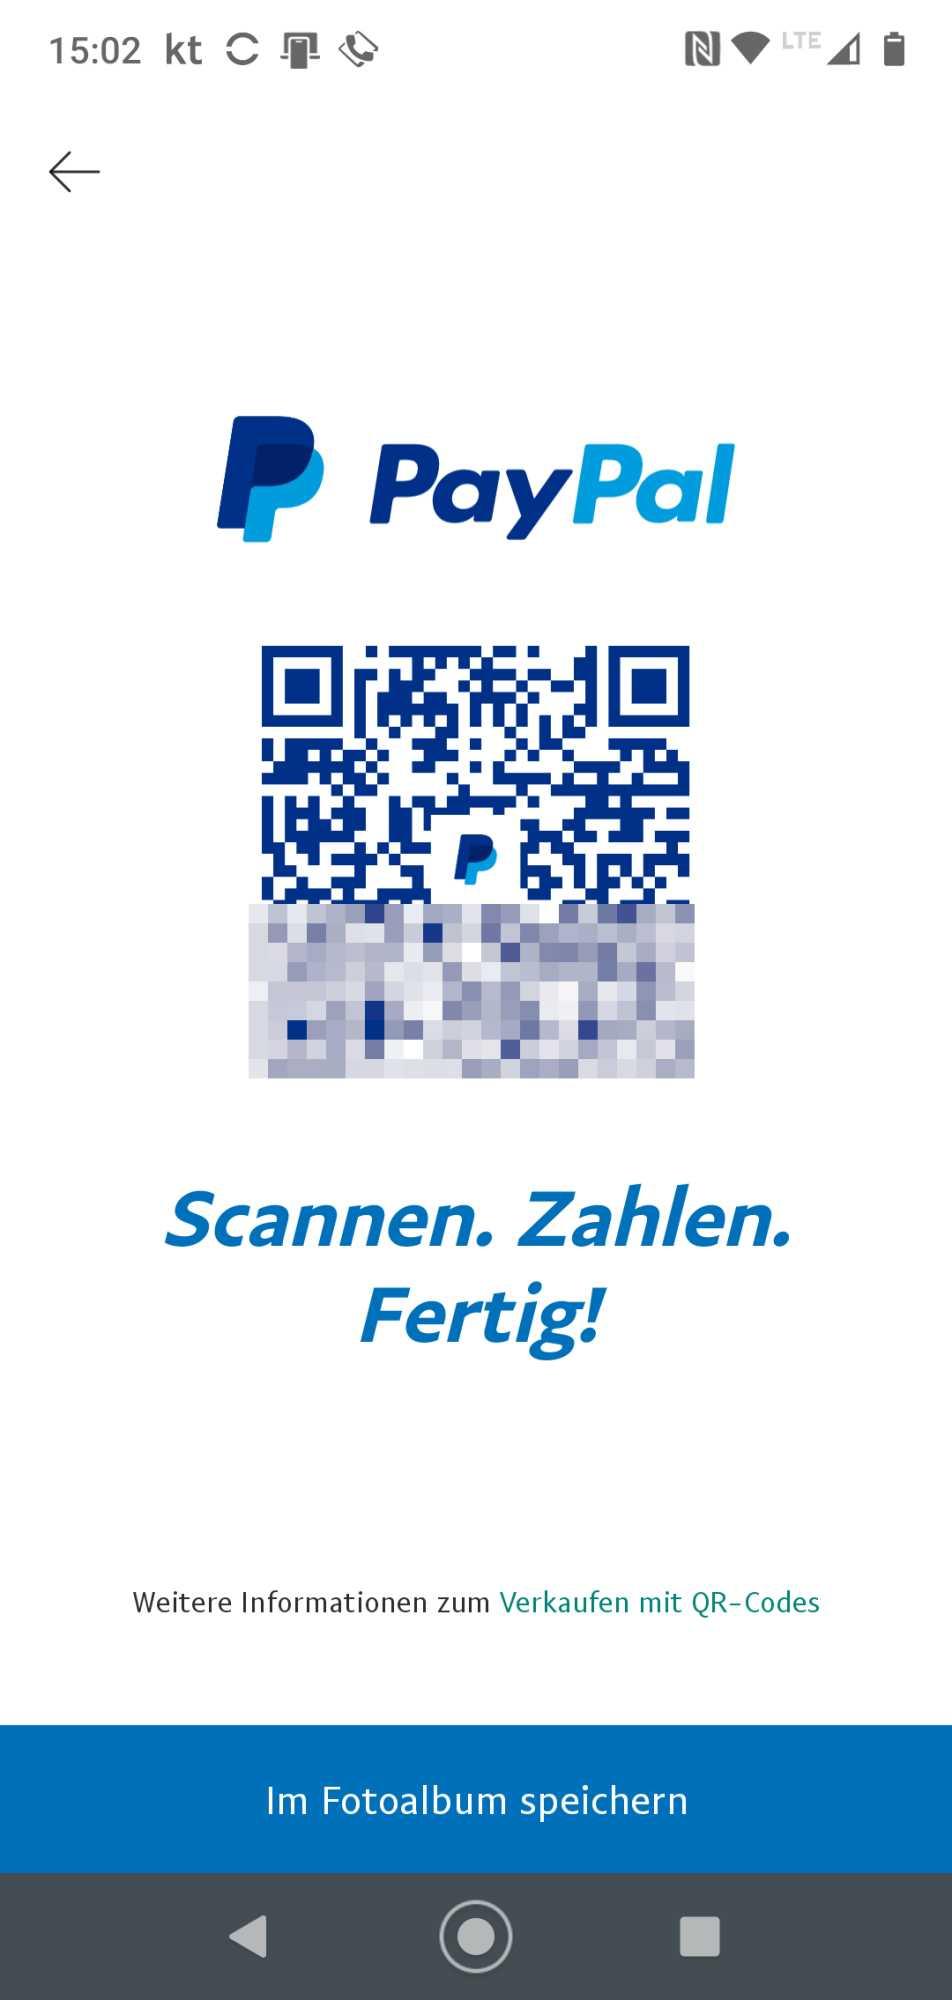 PayPal bietet Händlern jetzt auch QR-Codes als Hilfe beim Bezahlen an. Zielgruppe sind insbesondere kleine Ladengeschäfte und Lieferdienste.